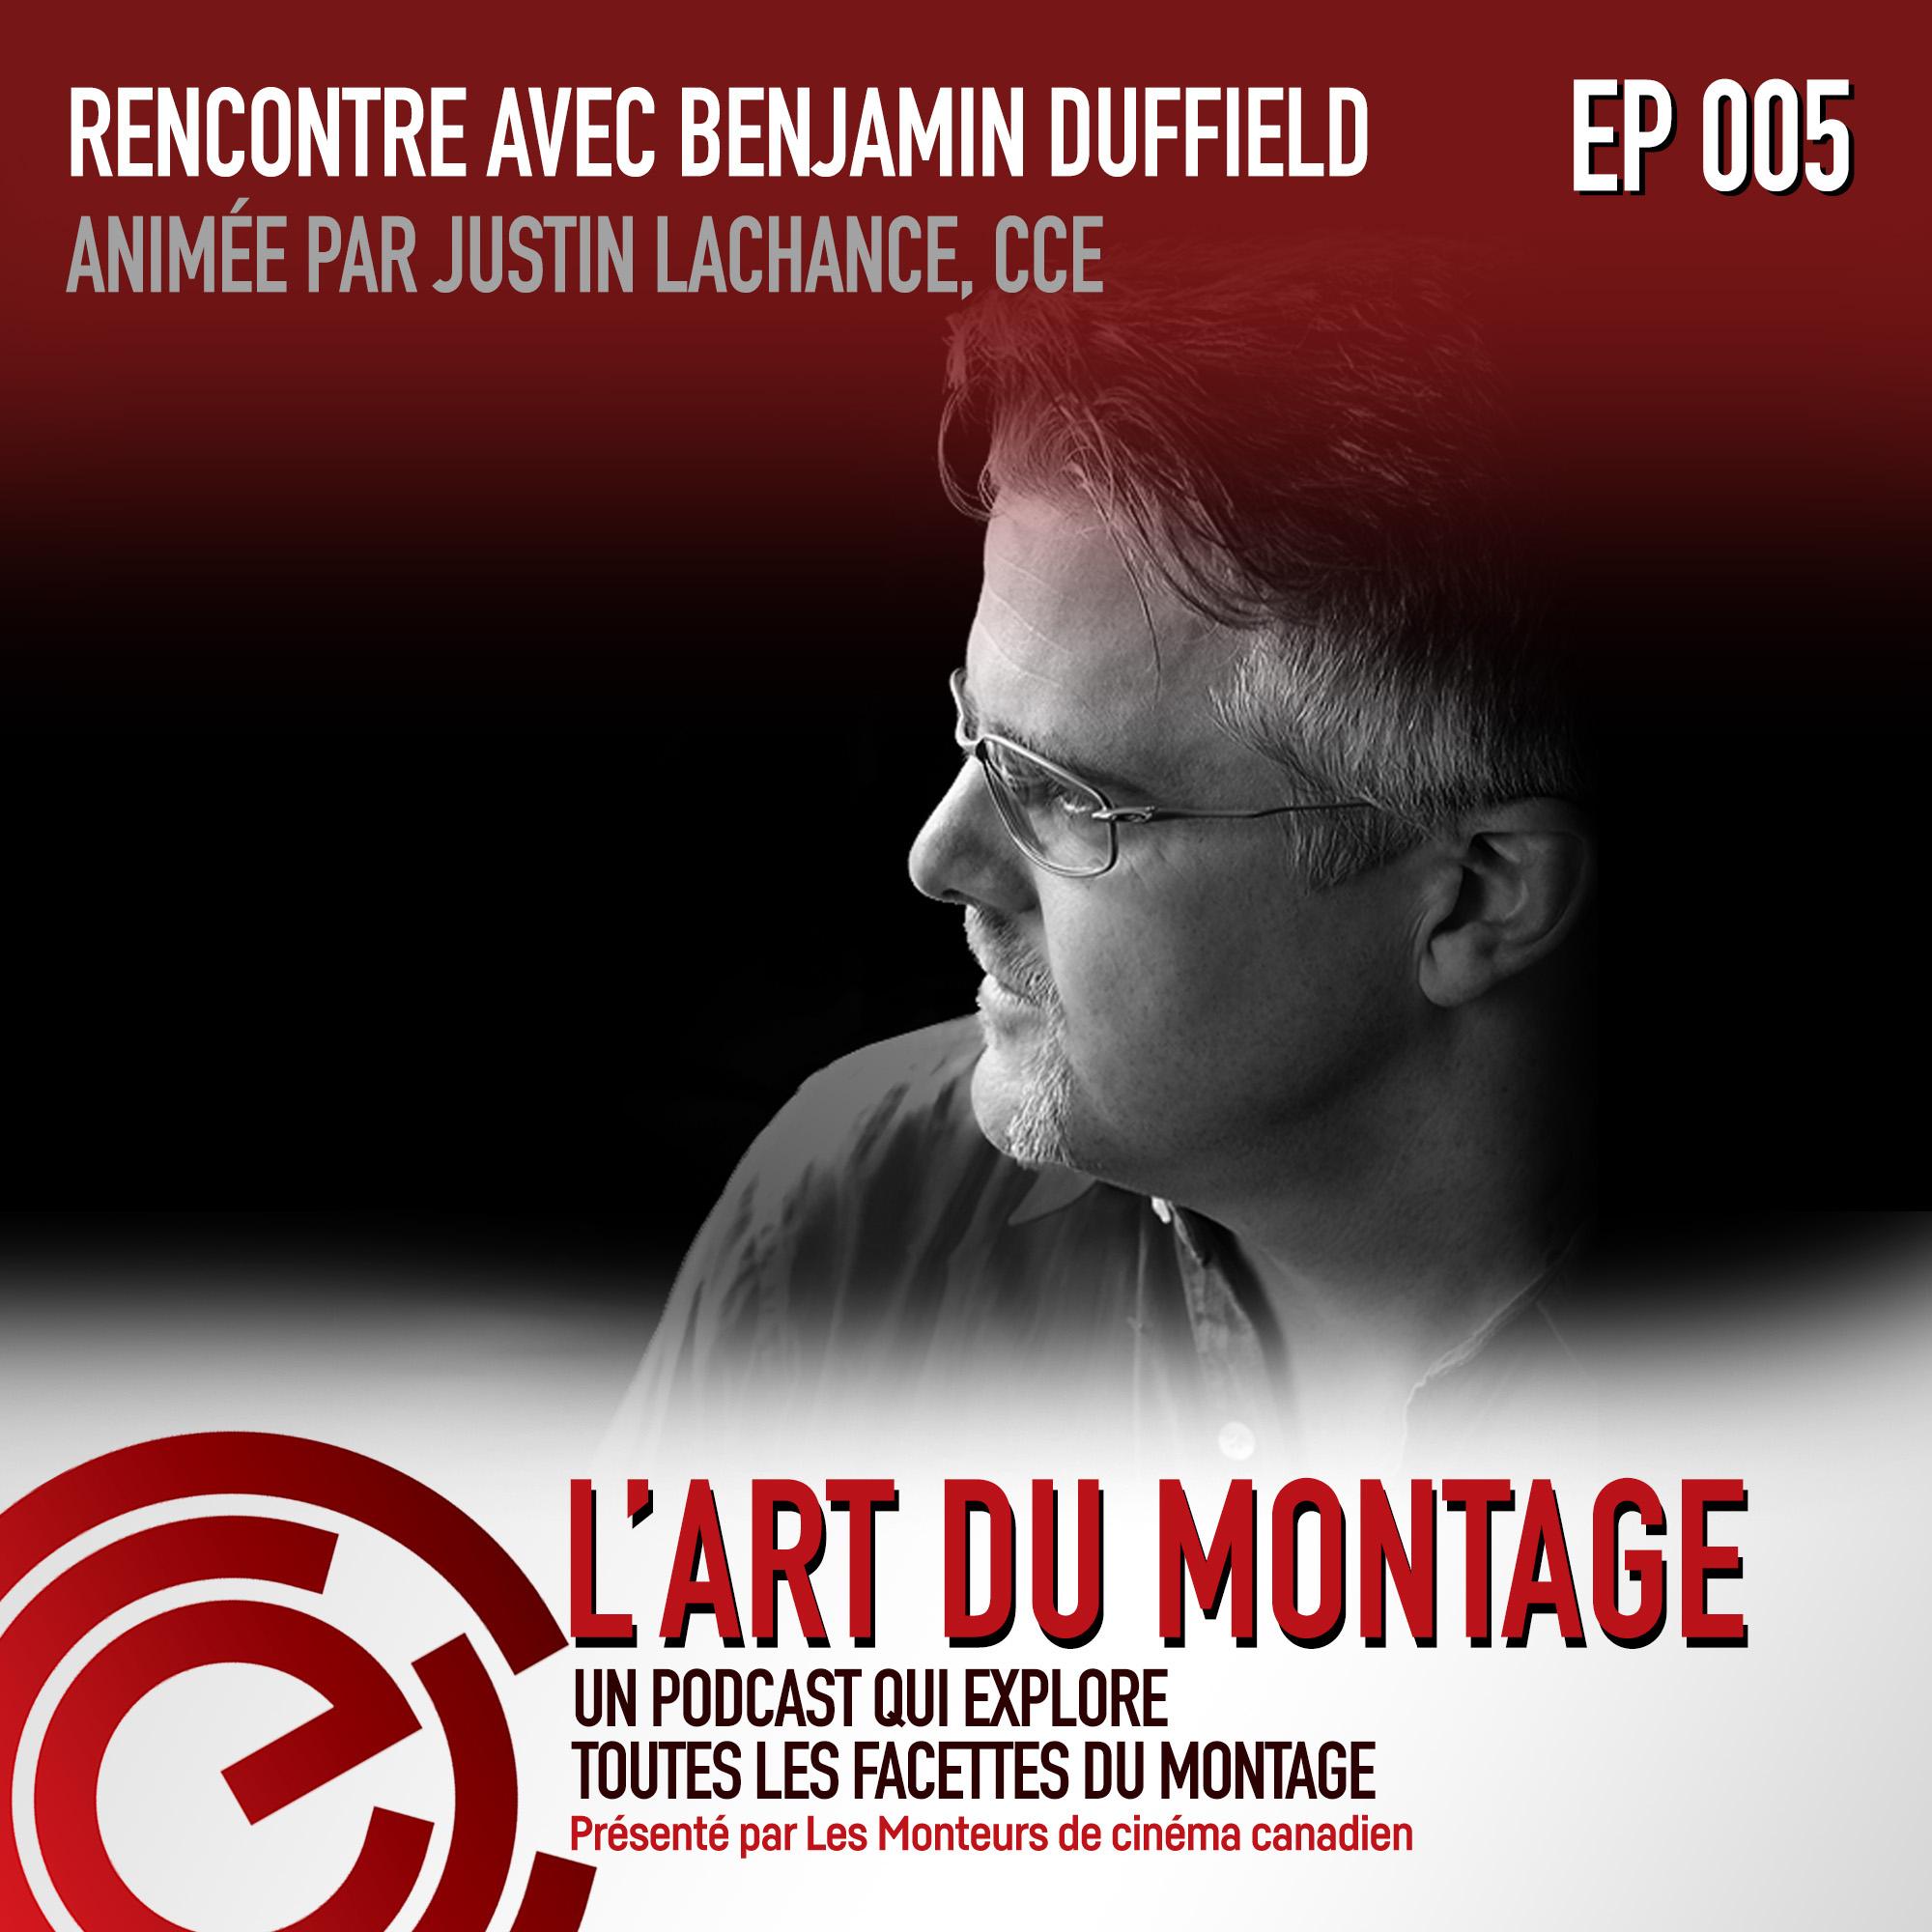 Épisode 005: L'art du Montage: Rencontre Avec Ben Duffield